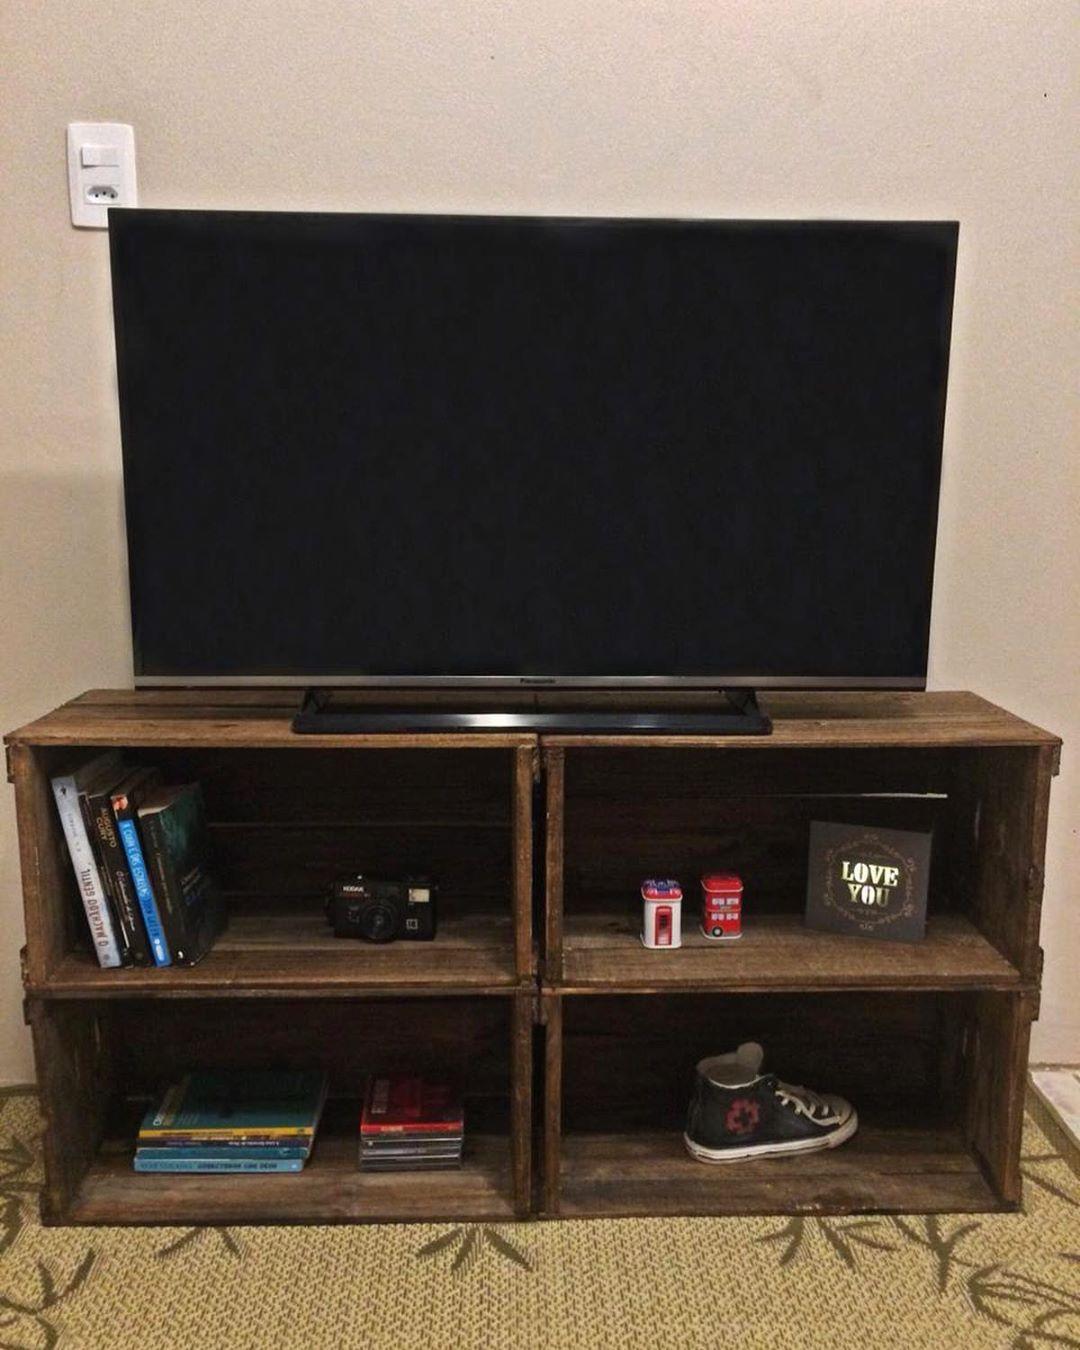 estante para televisão de caixote